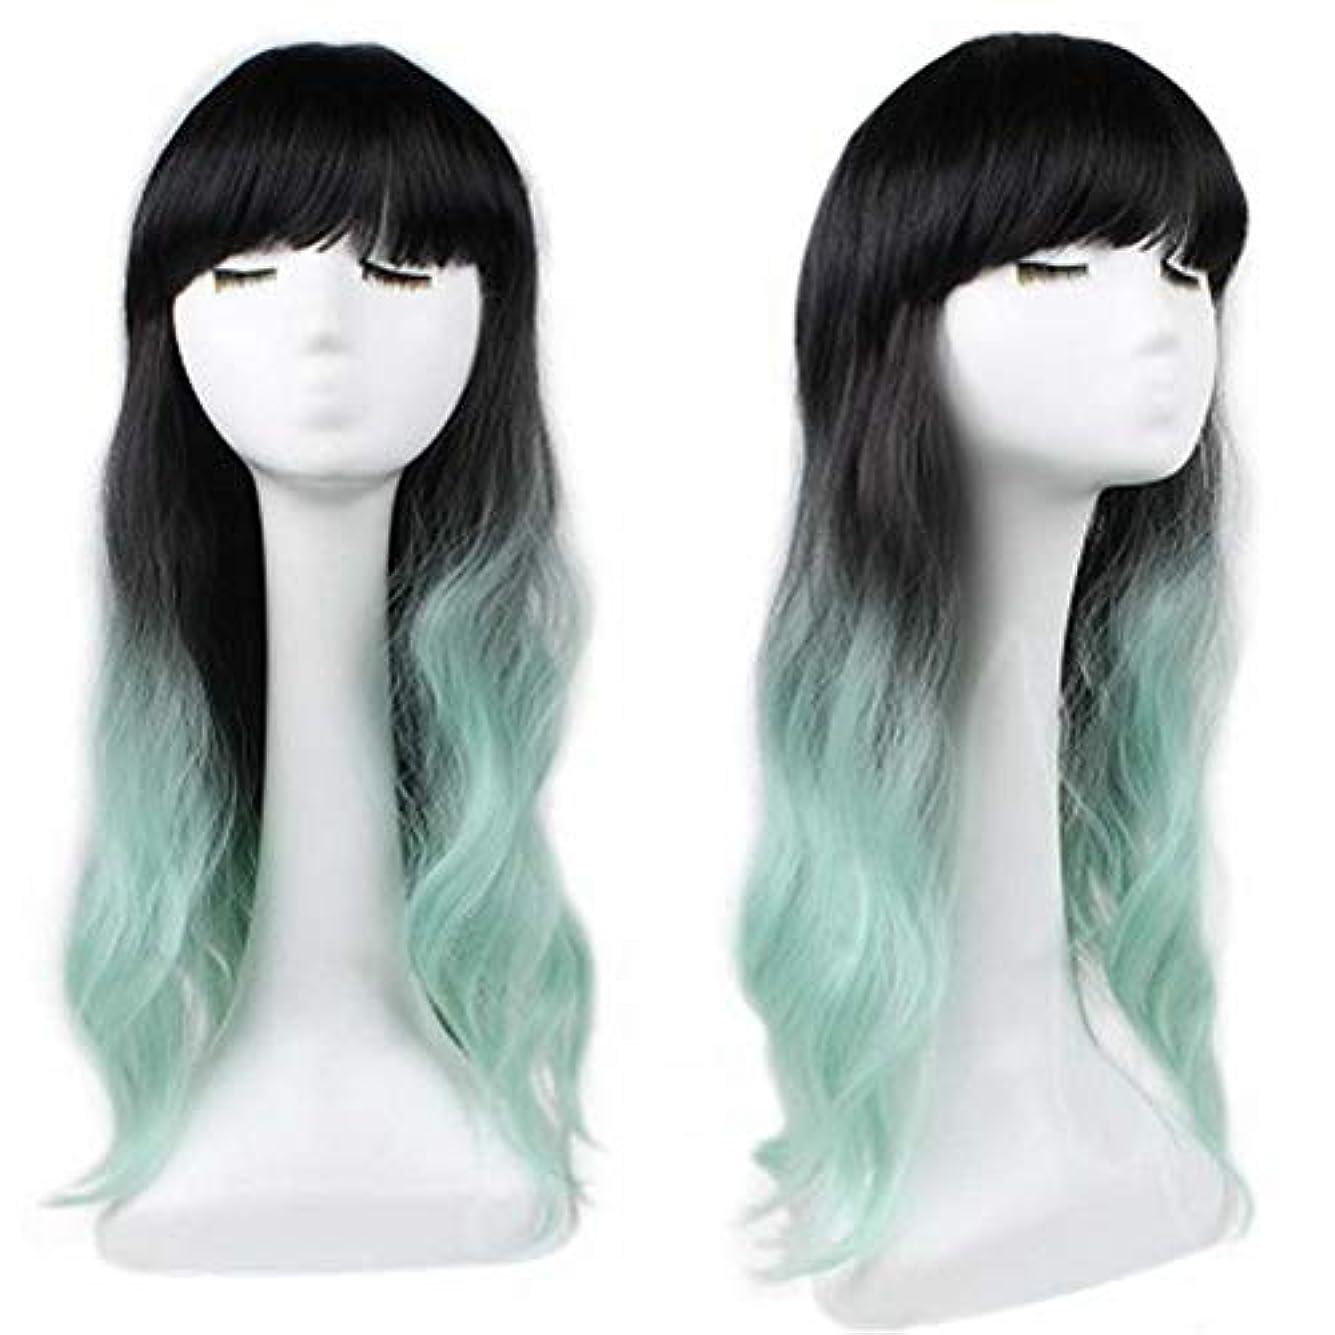 不一致激しい文芸女性のための色のかつら、ポニーテールのロリータカーリーコスプレウィッグ、高密度温度合成ウィッグコスプレヘアウィッグ、耐熱繊維ヘアウィッグ